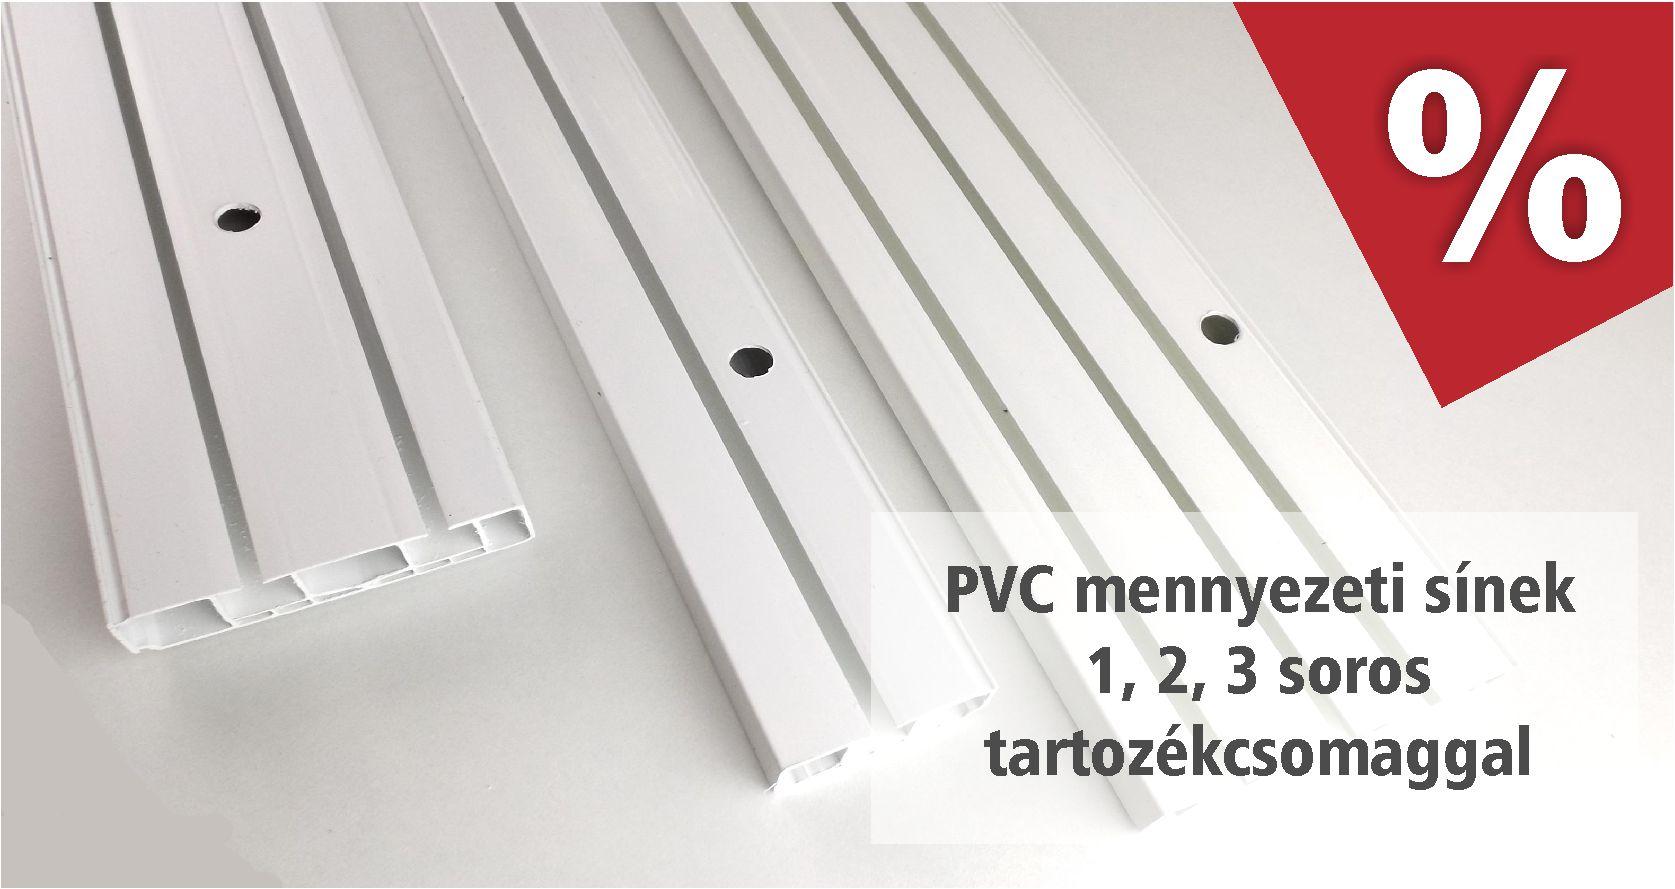 PVC mennyezeti sínek 1, 2 és 3 soros változatban, több méretben akciós áron áprilisban - www.karnisstudio.hu